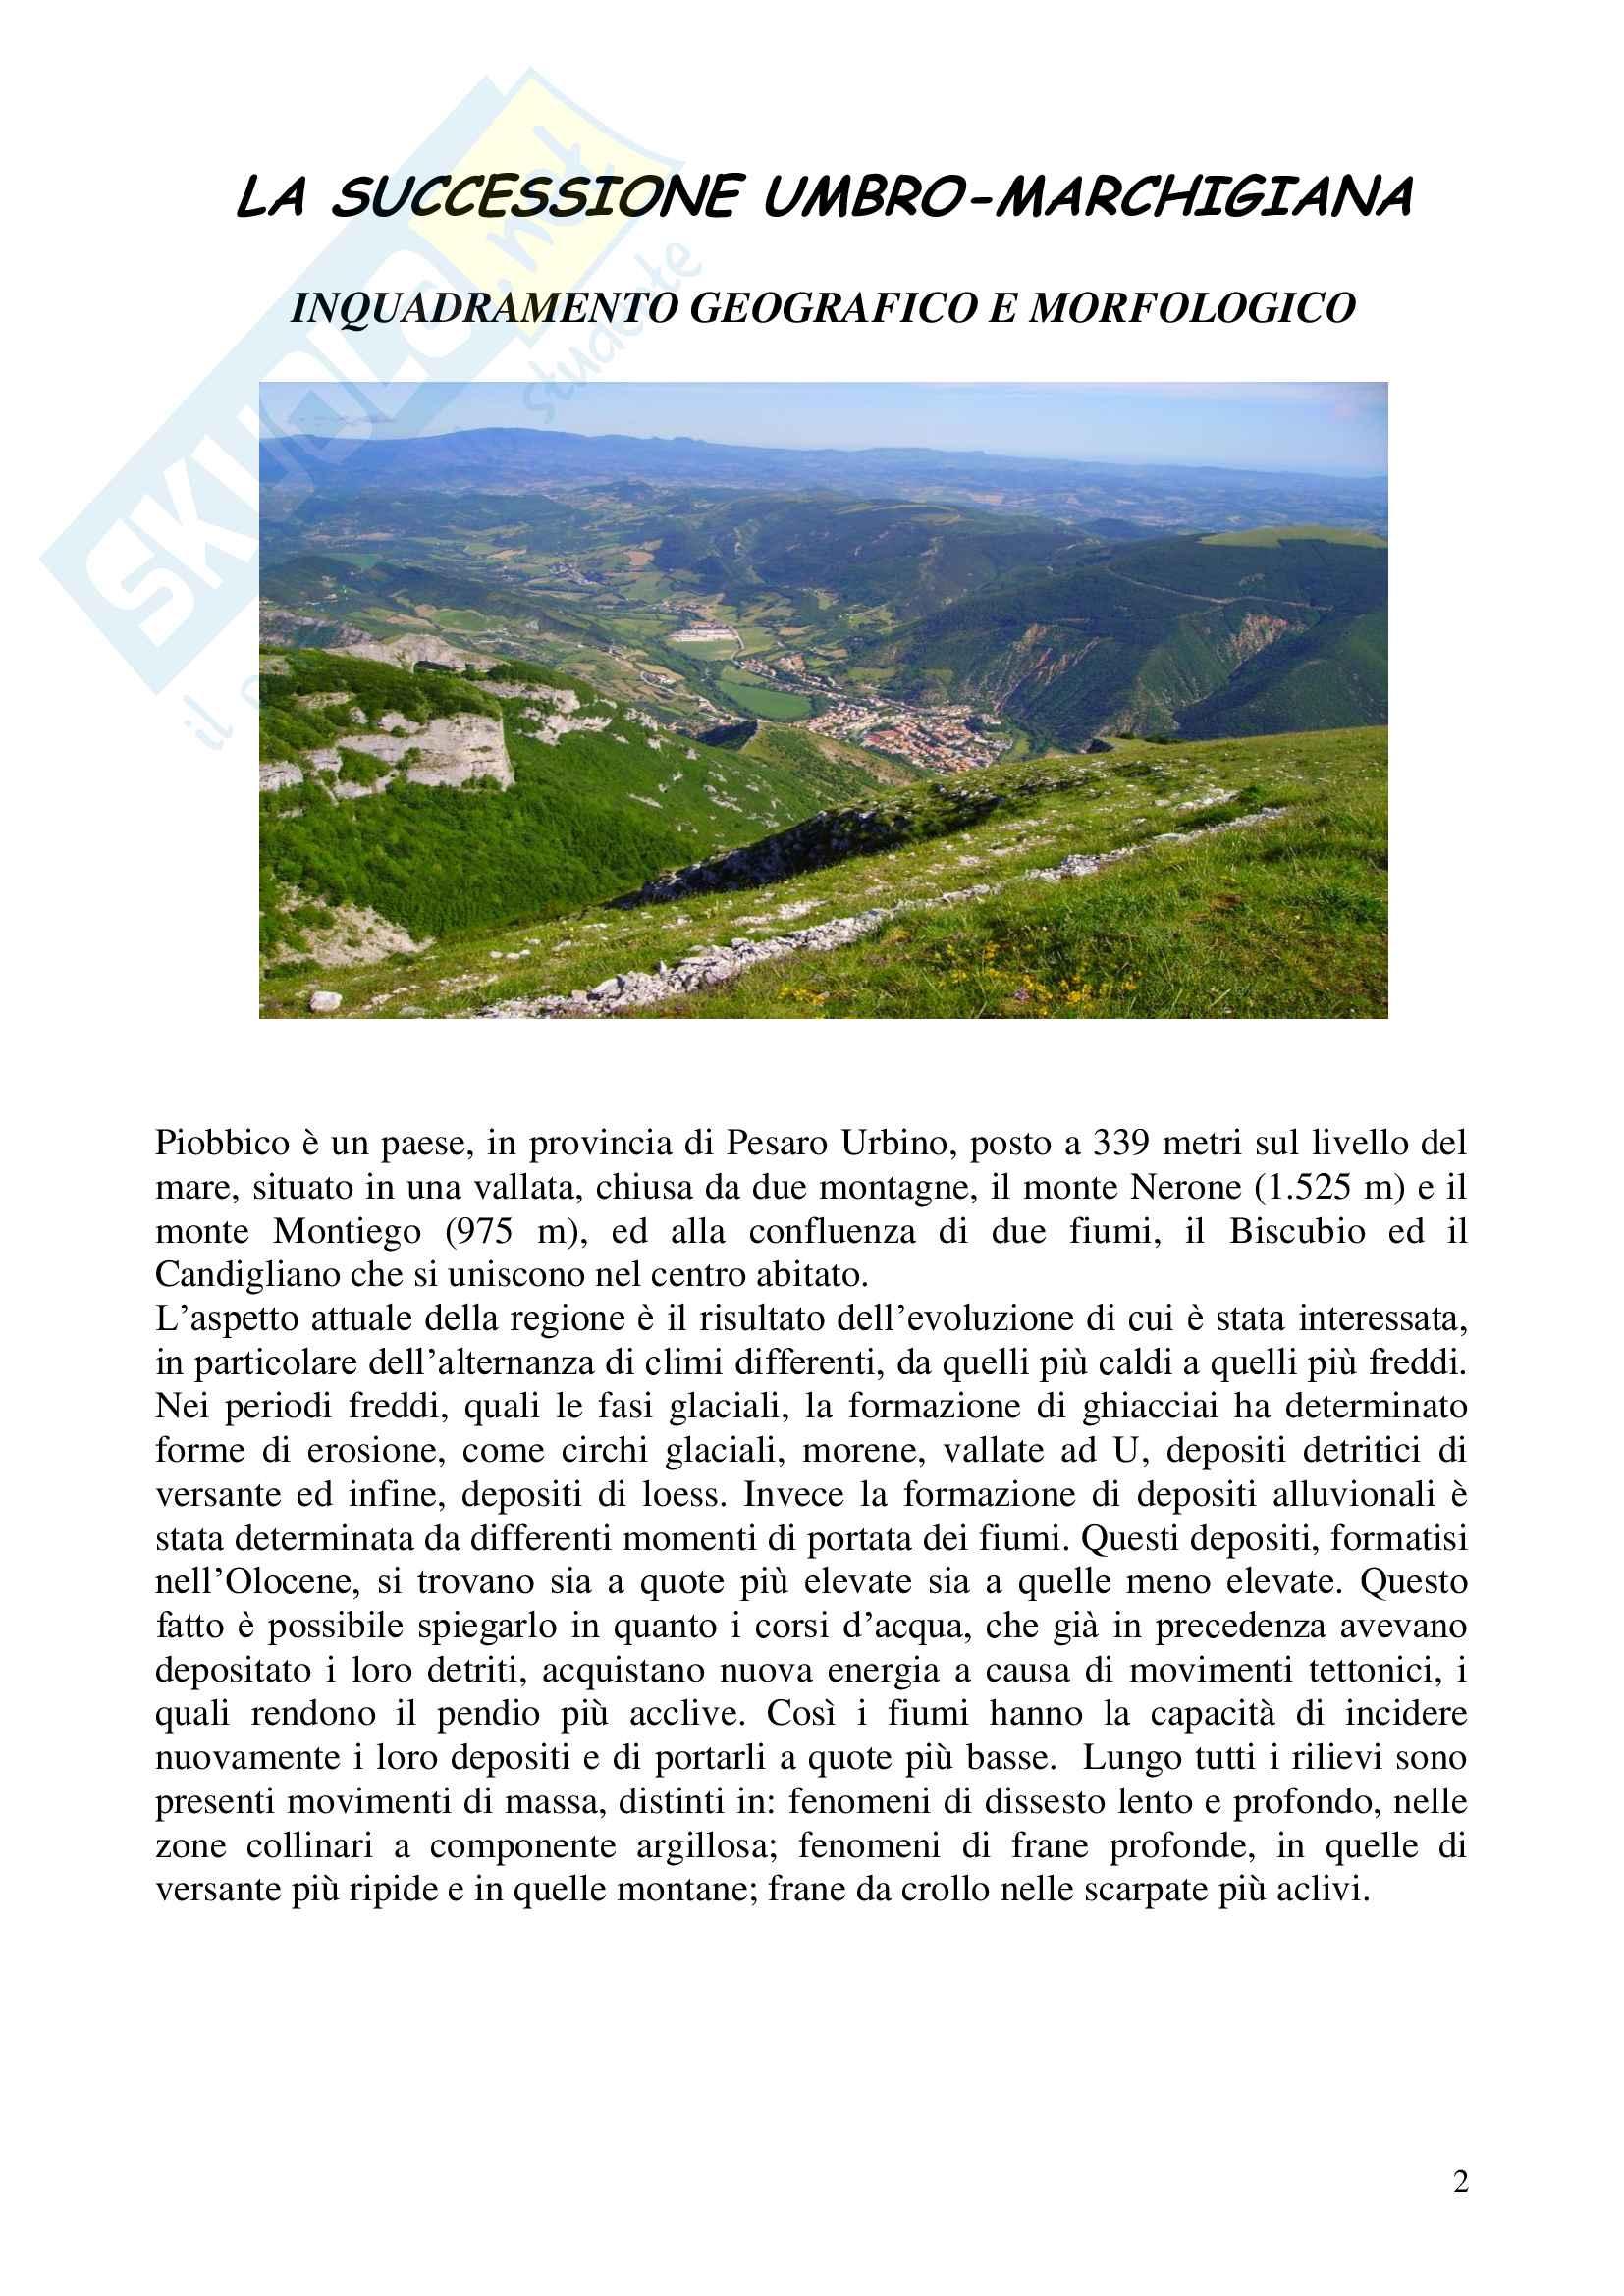 Relazione geologica e paleontologica di Piobbico Pag. 2